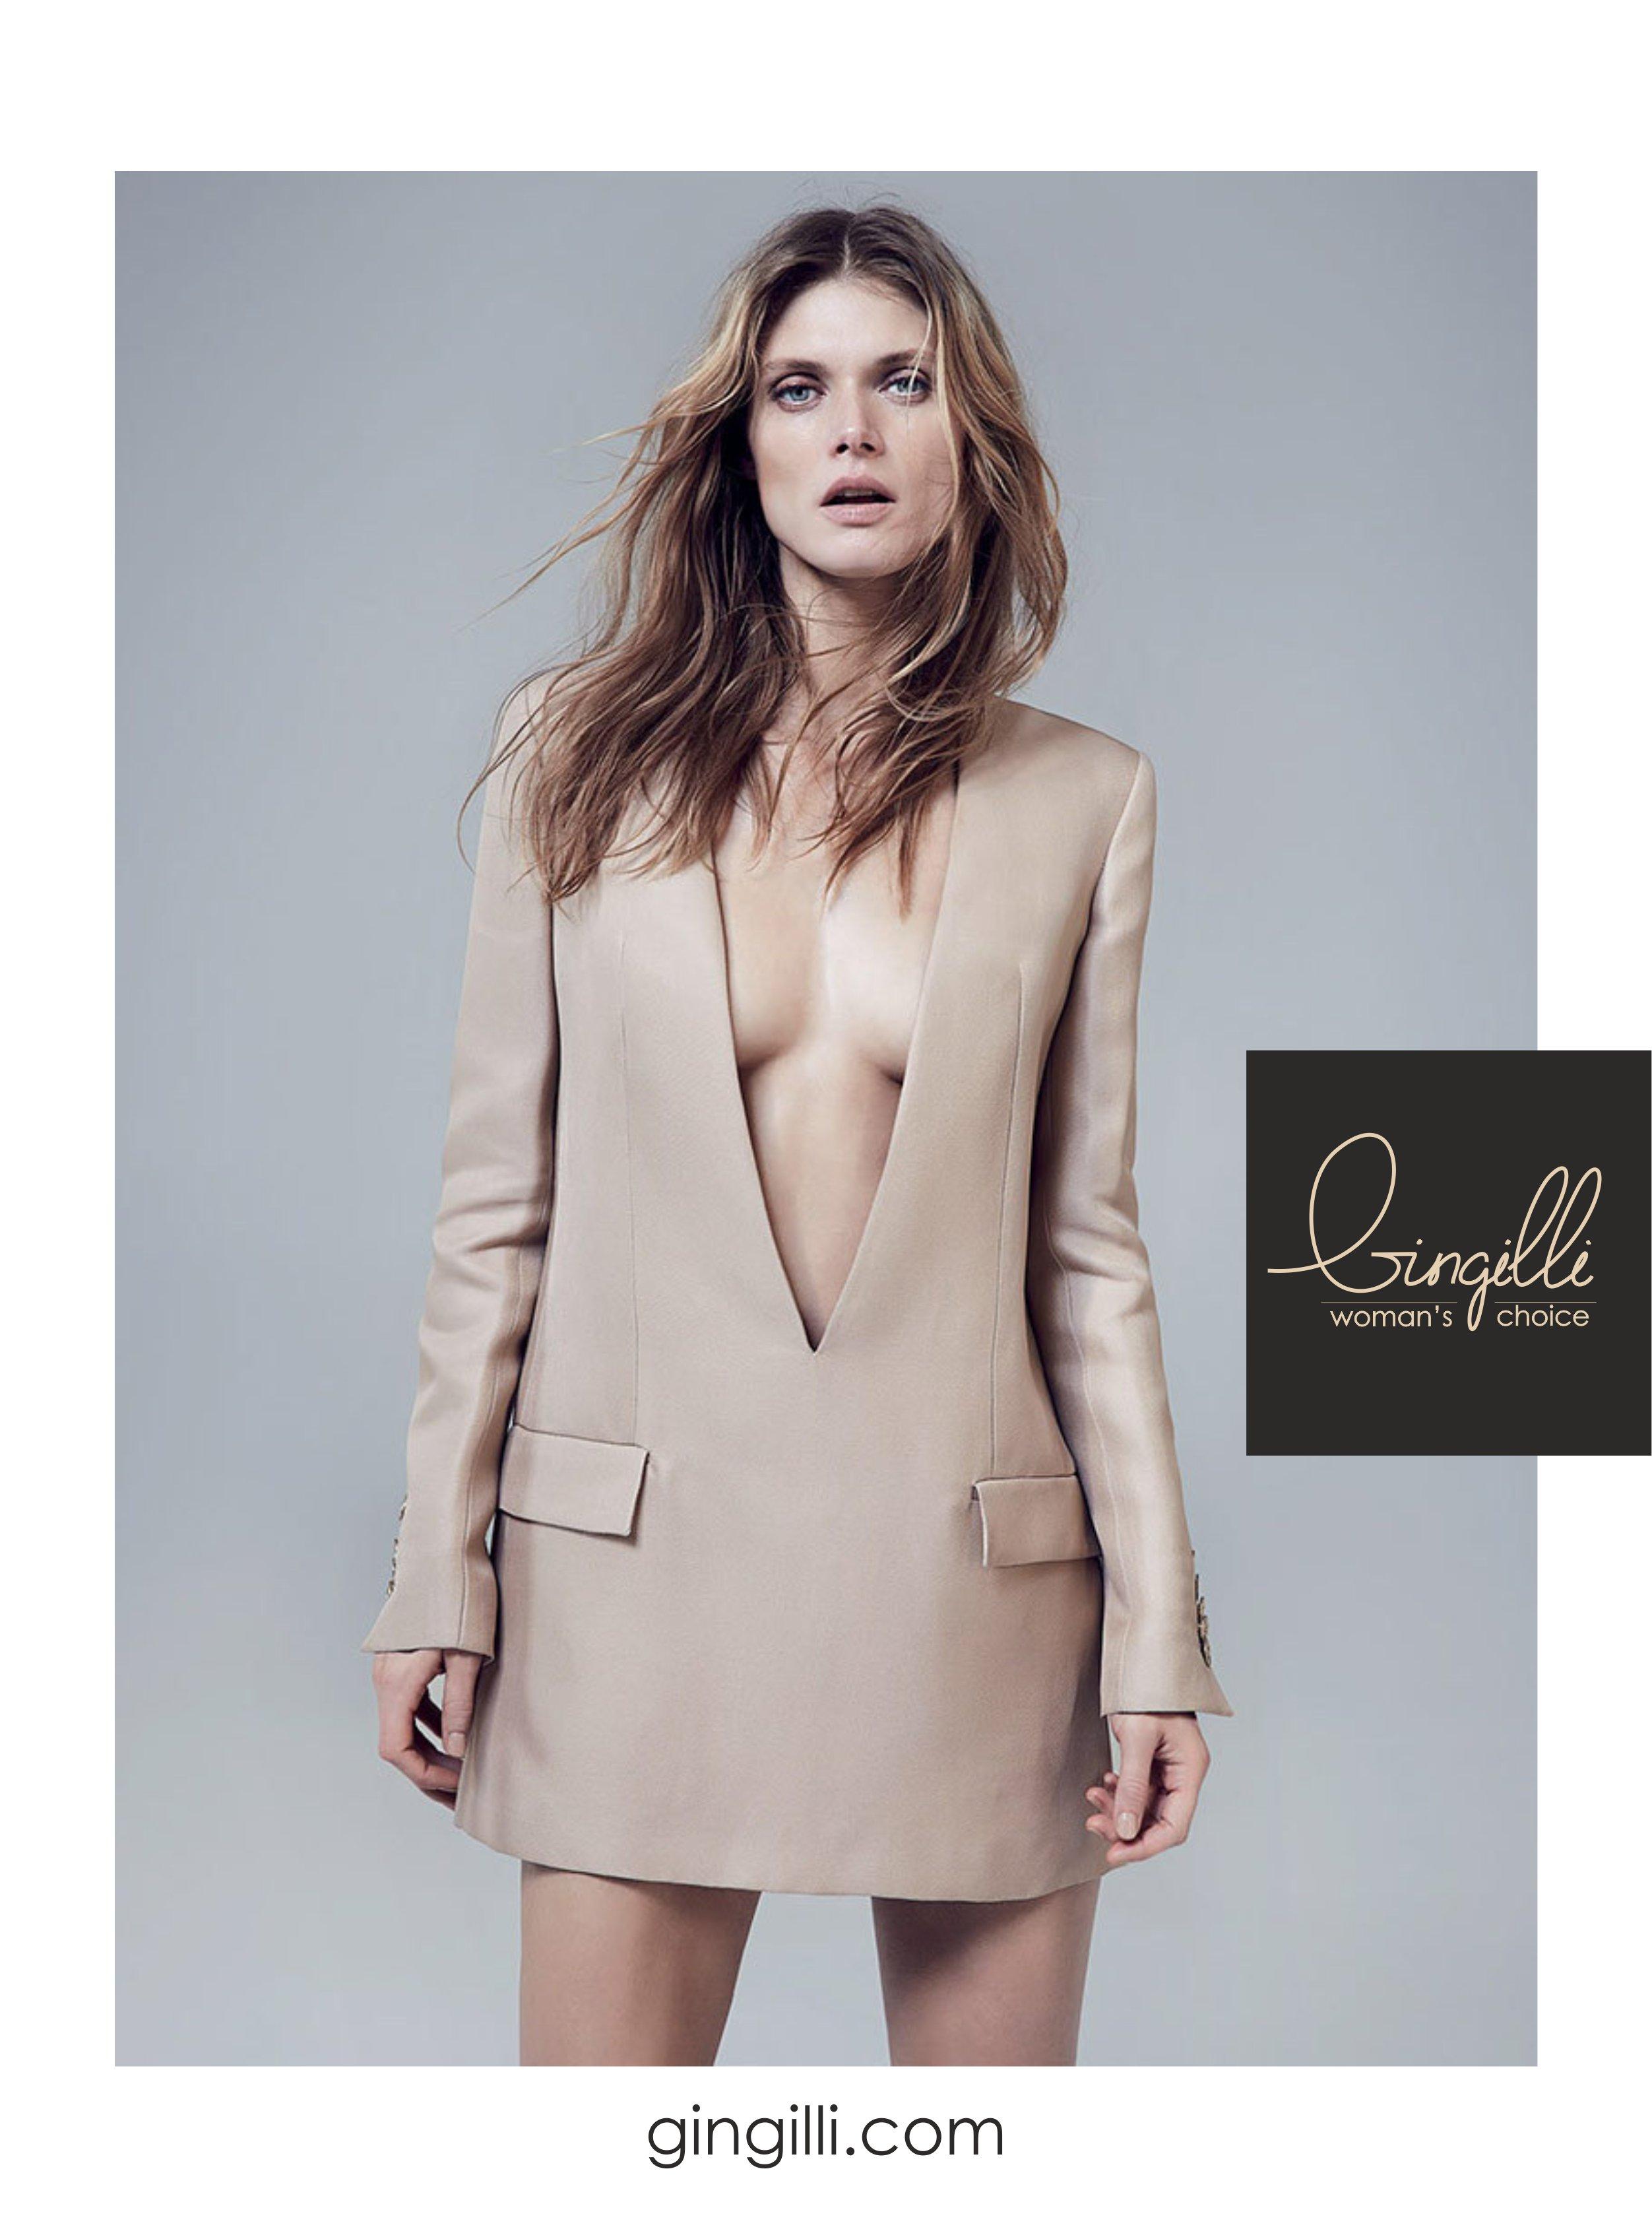 FASHION BRAND/ Разработка фирменного стиля для женской одежд фото f_2945a3368e91253f.jpg